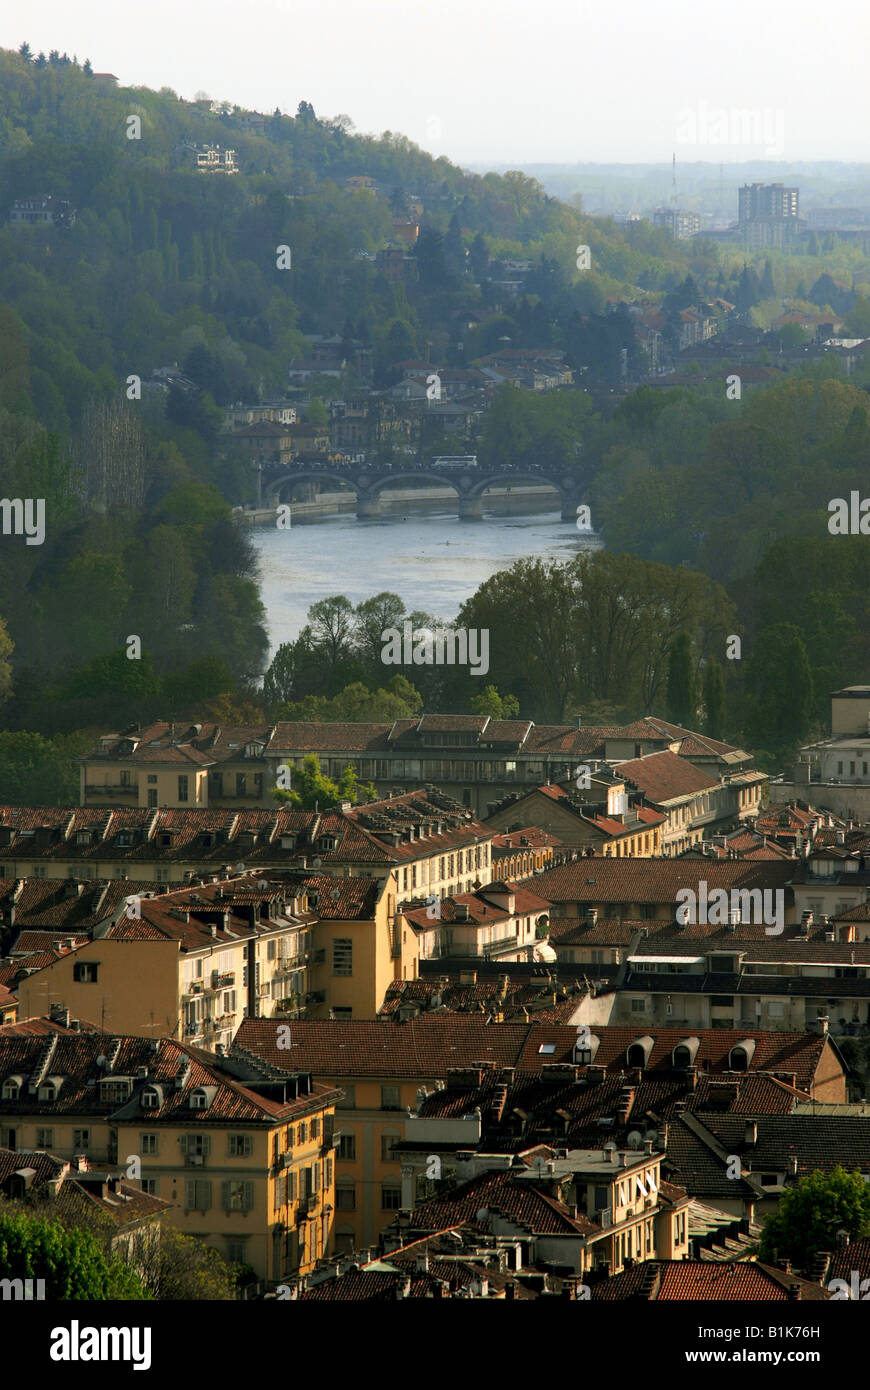 Die Stadt Turin, Piemont, Italien, mit dem Fluss Po durchzogen. Stockfoto